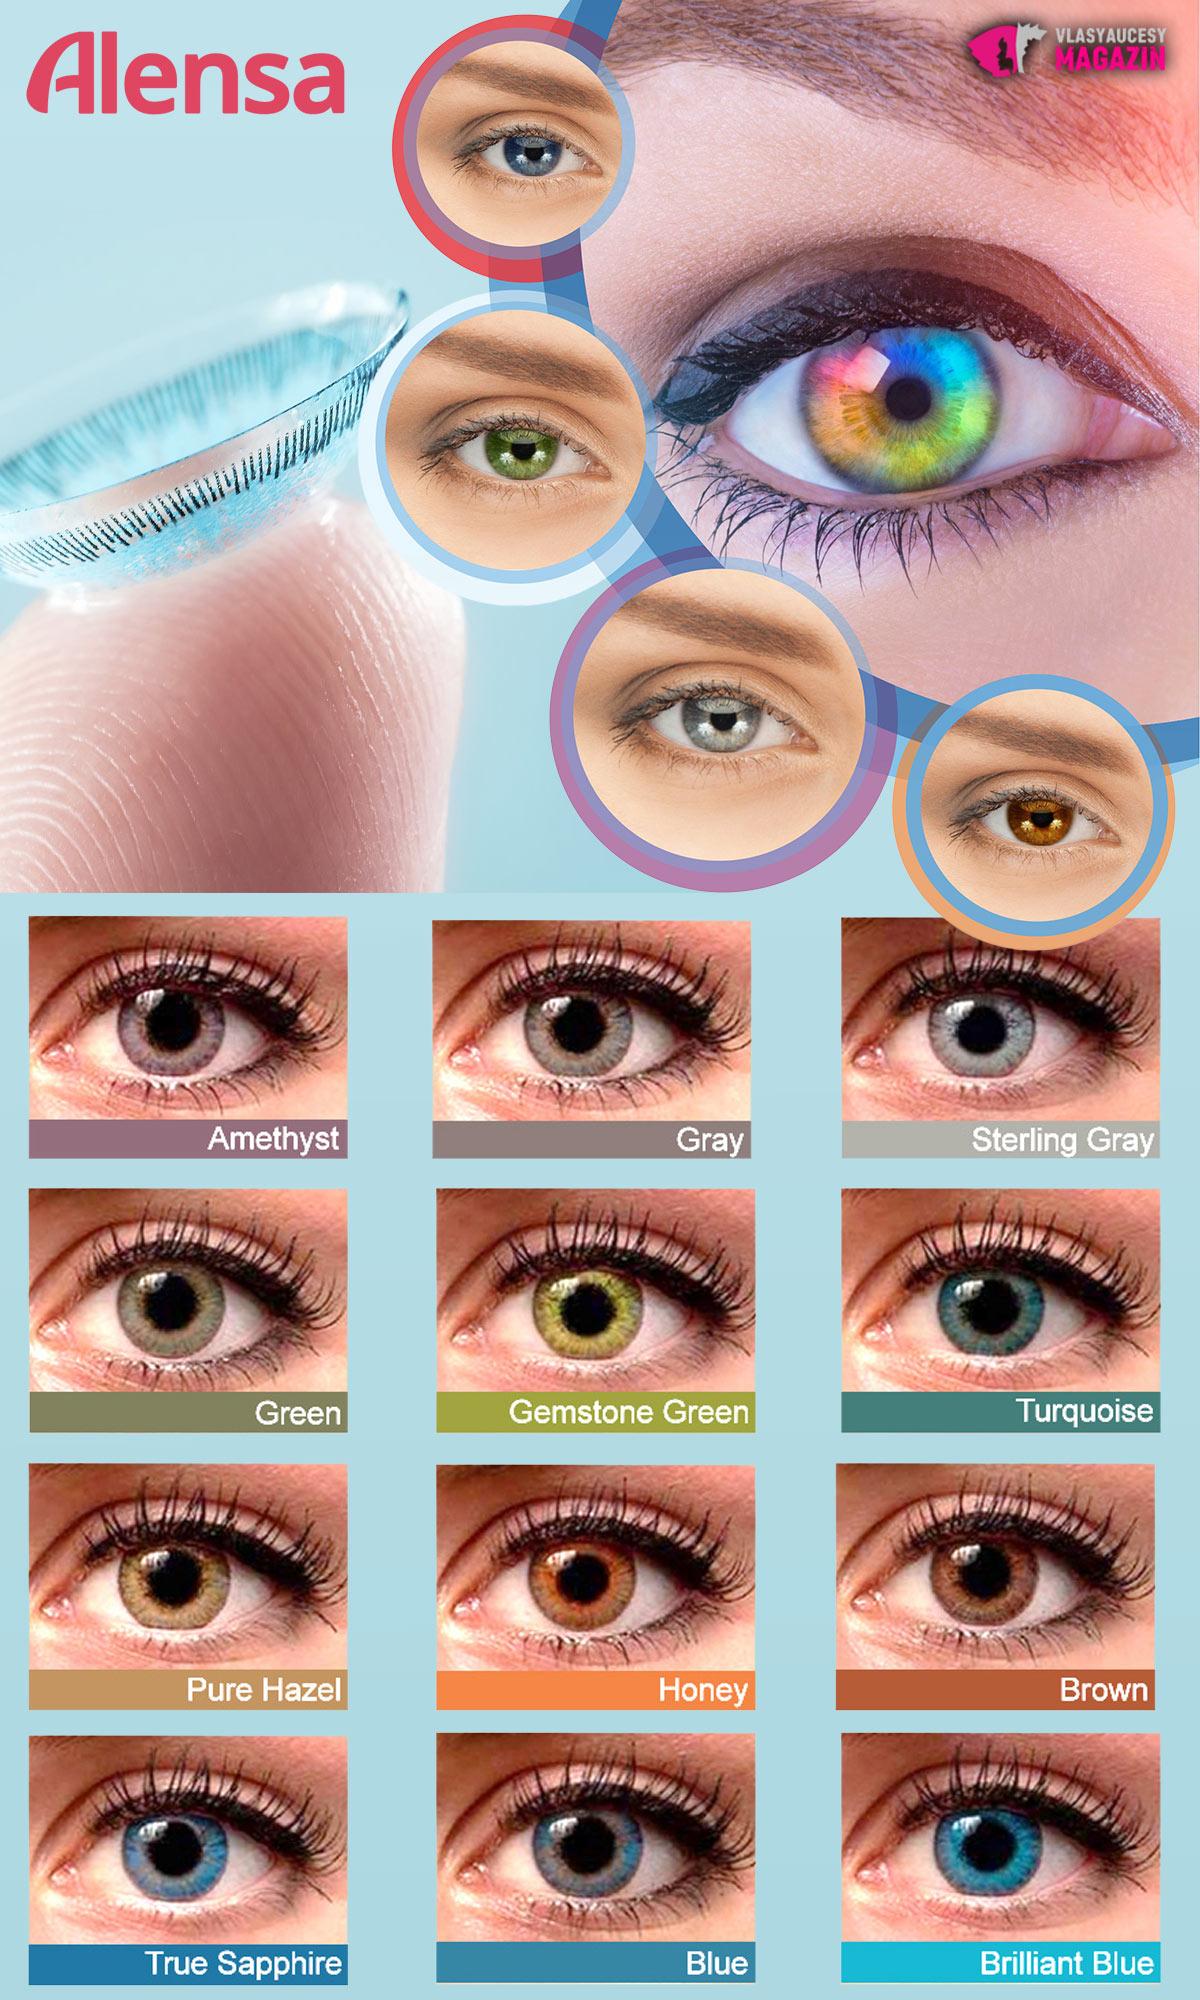 2f0c7e7cd Jednodenné kontaktné šošovky sú hitom – nosiť ich môžete aj farebné ...